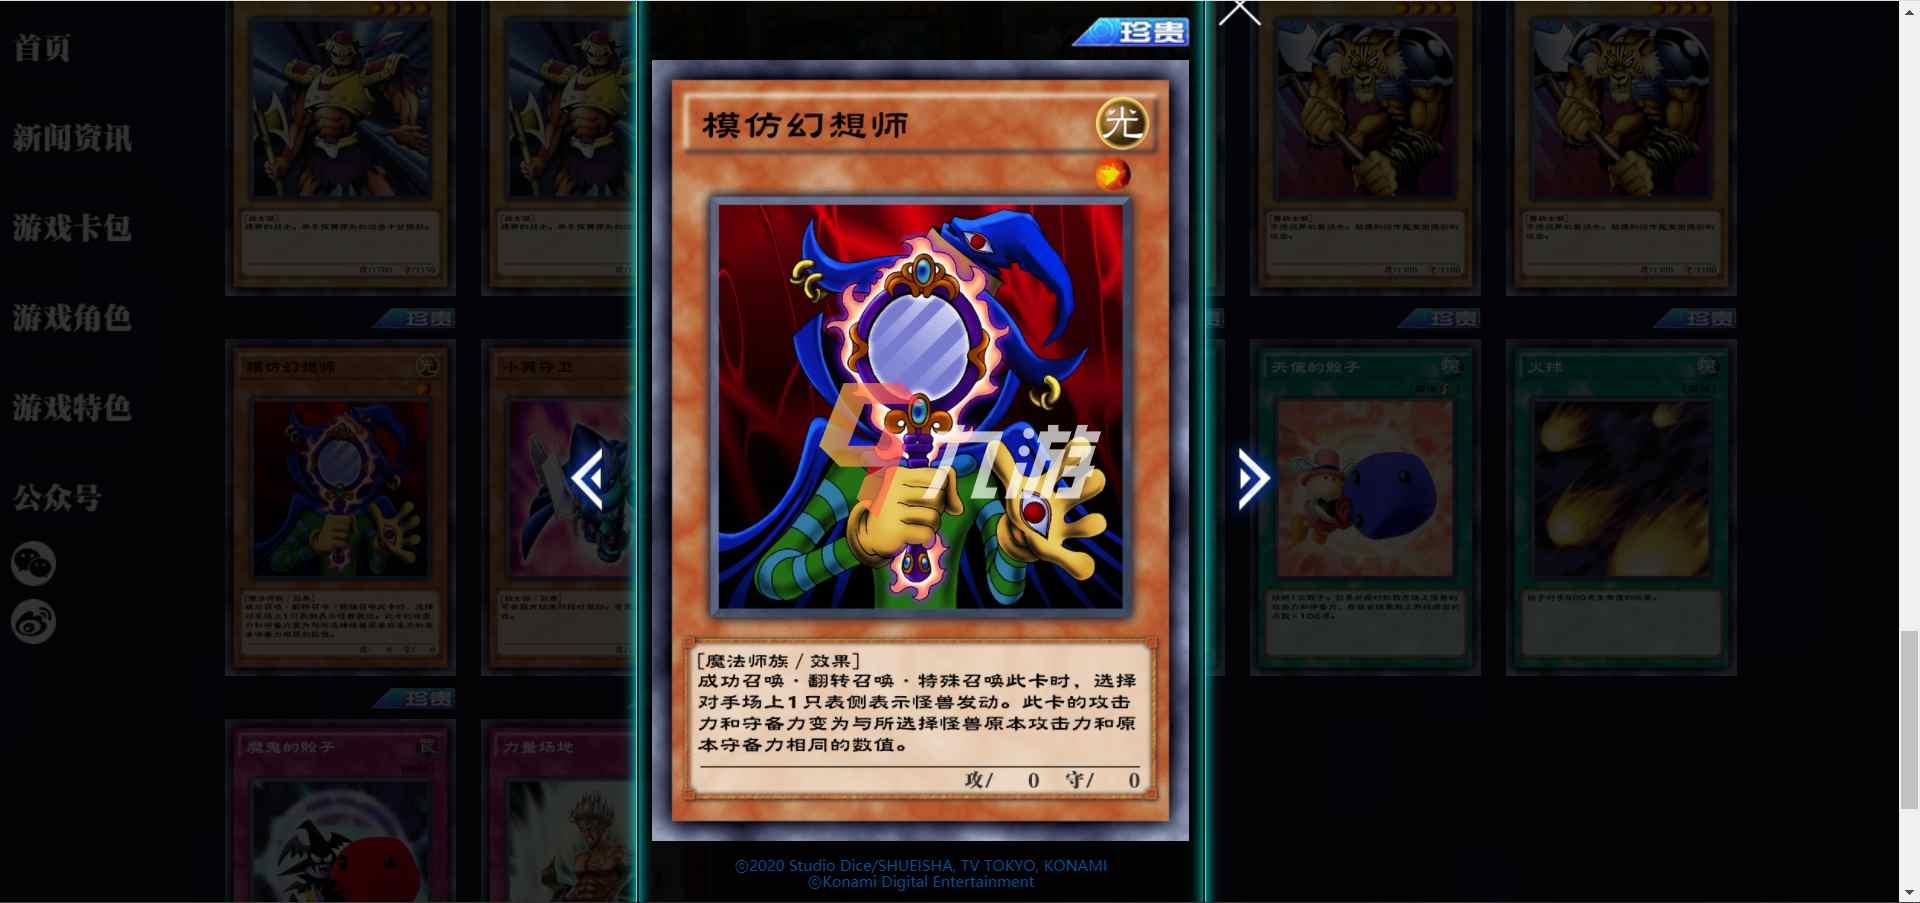 游戏王决斗链接城之内卡组攻略 卡组打法与抽包建议